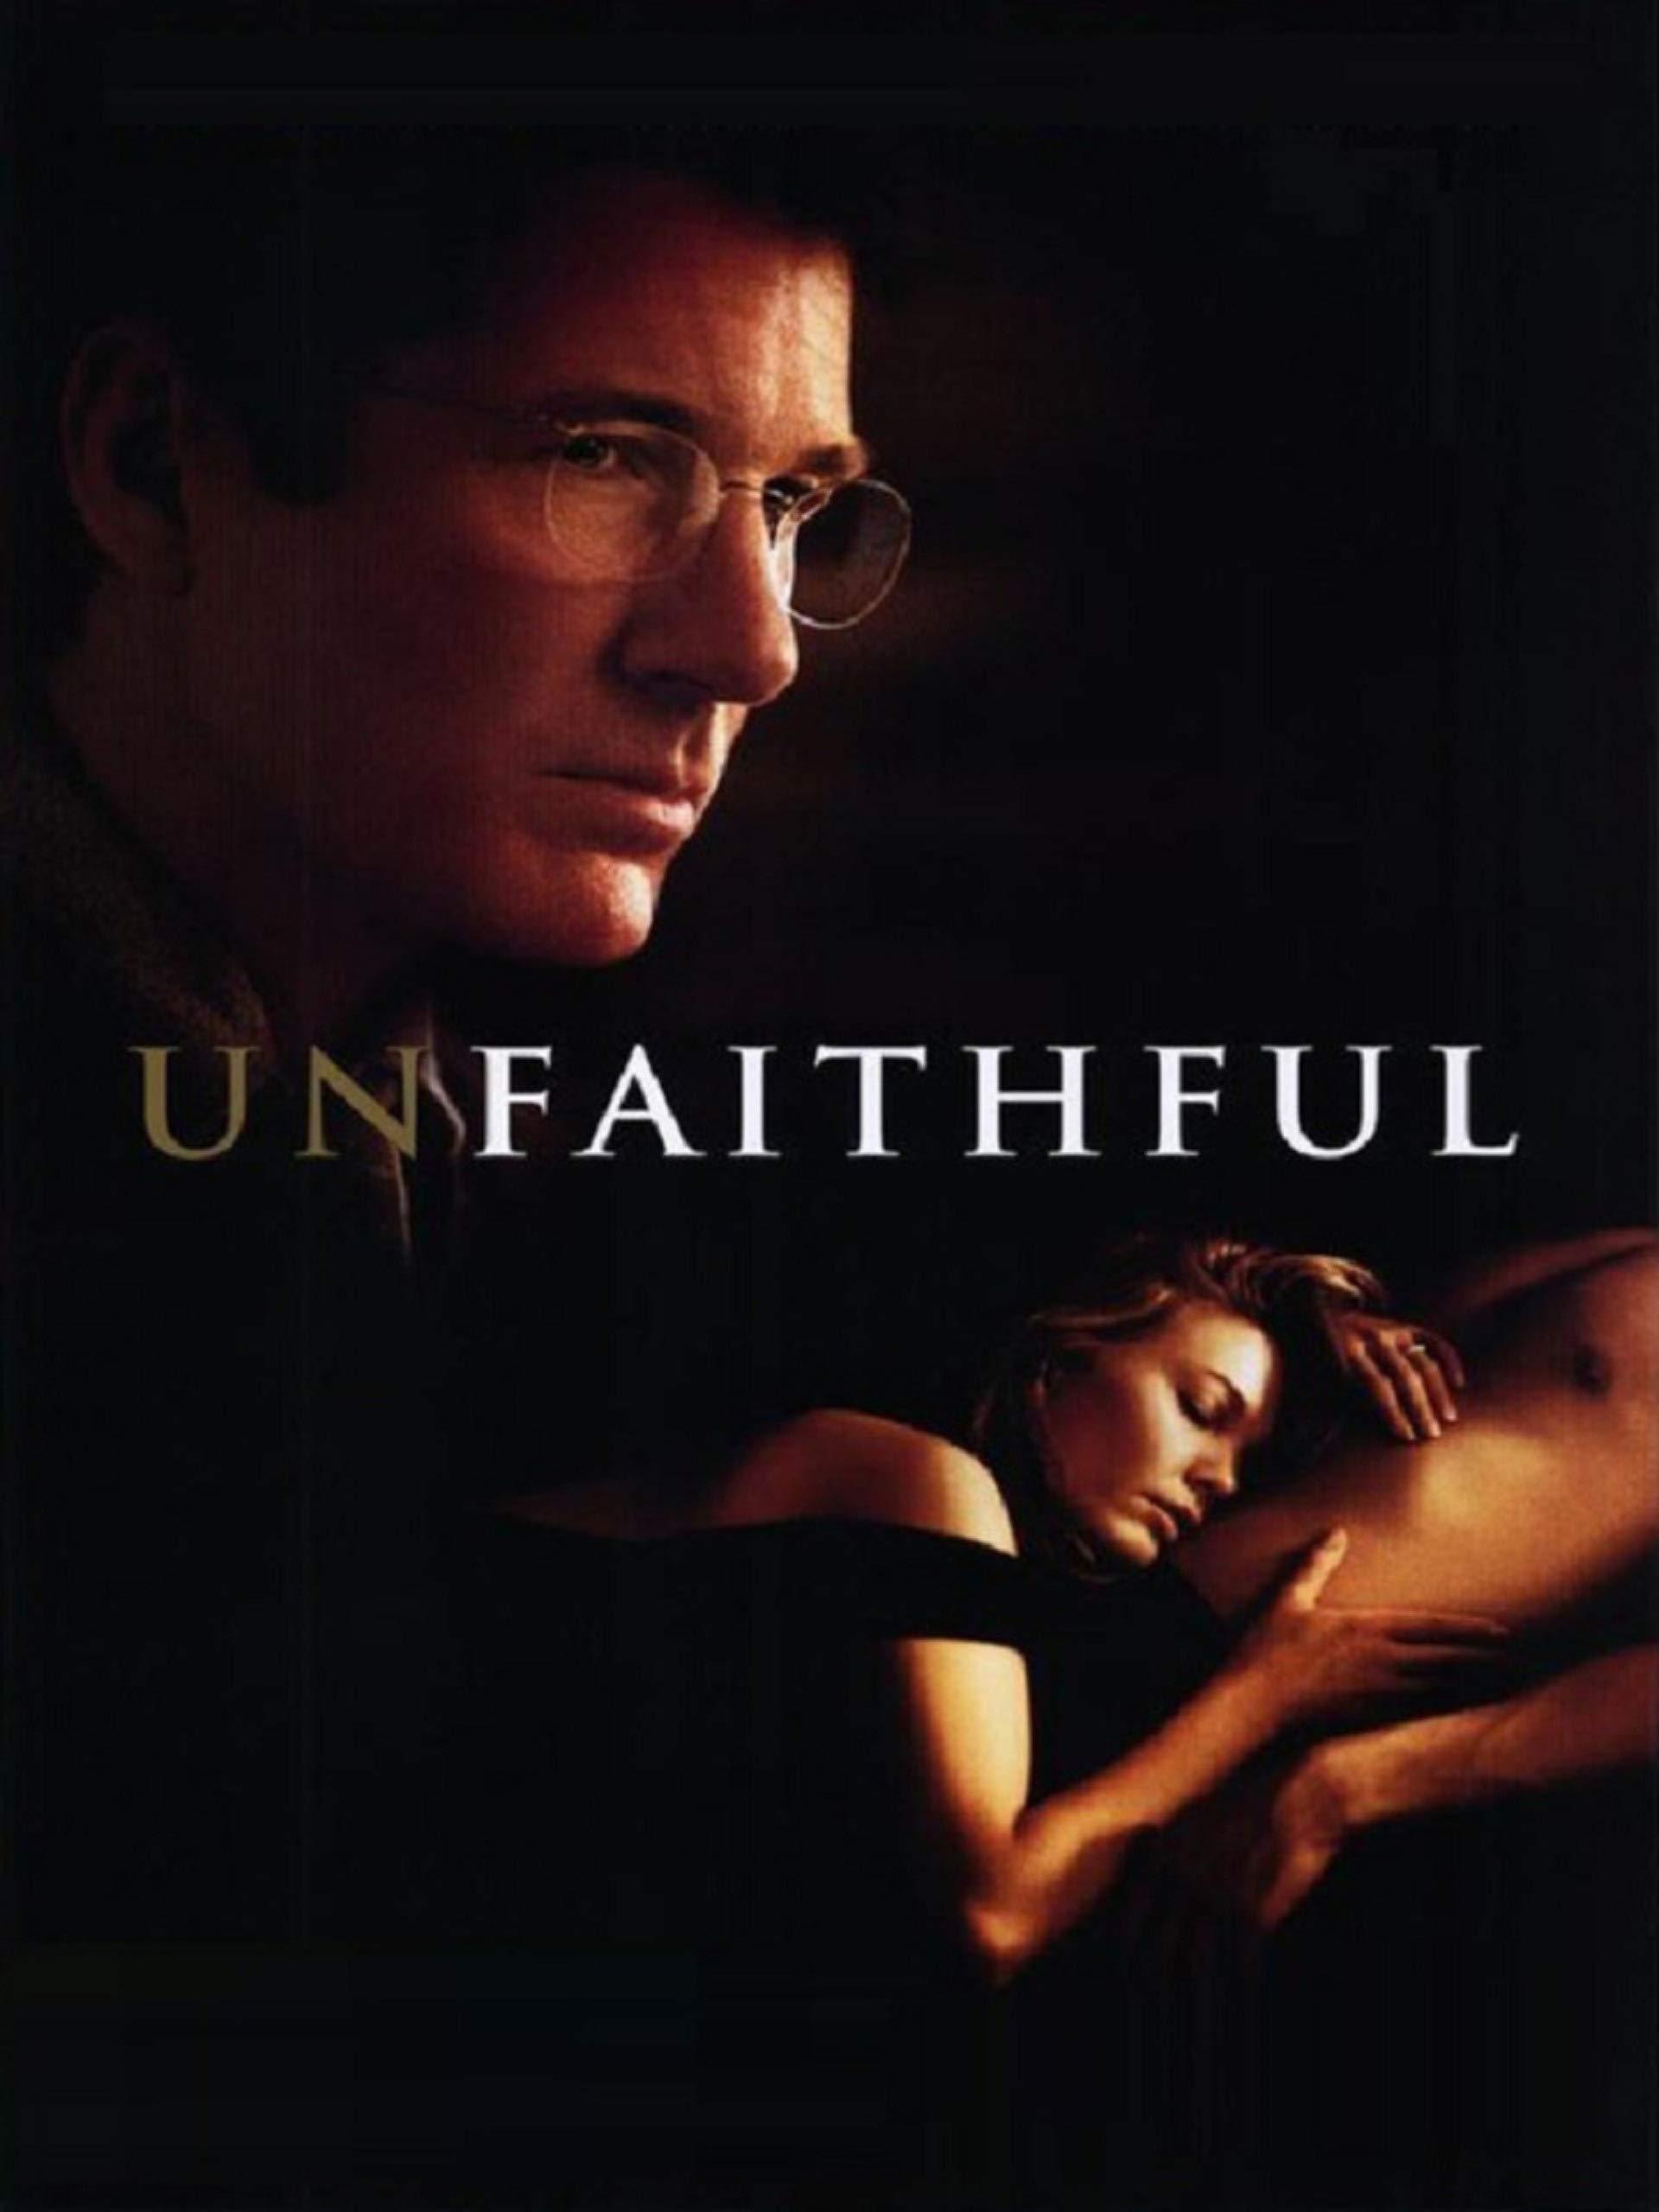 Unfaithful movie poster